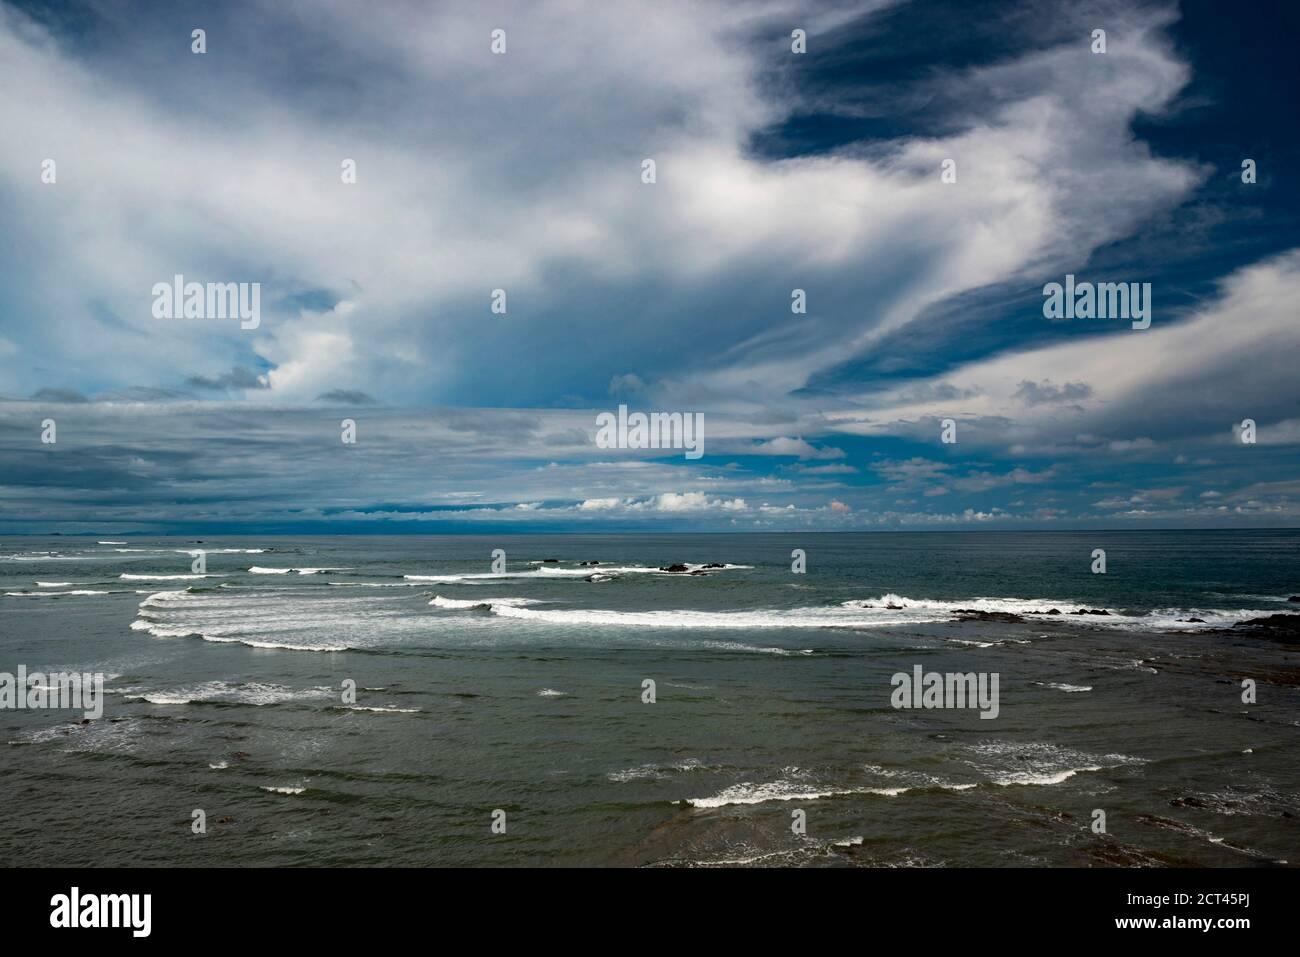 Espectacular paisaje costero con nubes y océano en Dominical, cerca de Uvita, Provincia de Puntarenas, Costa pacífica de Costa Rica Foto de stock